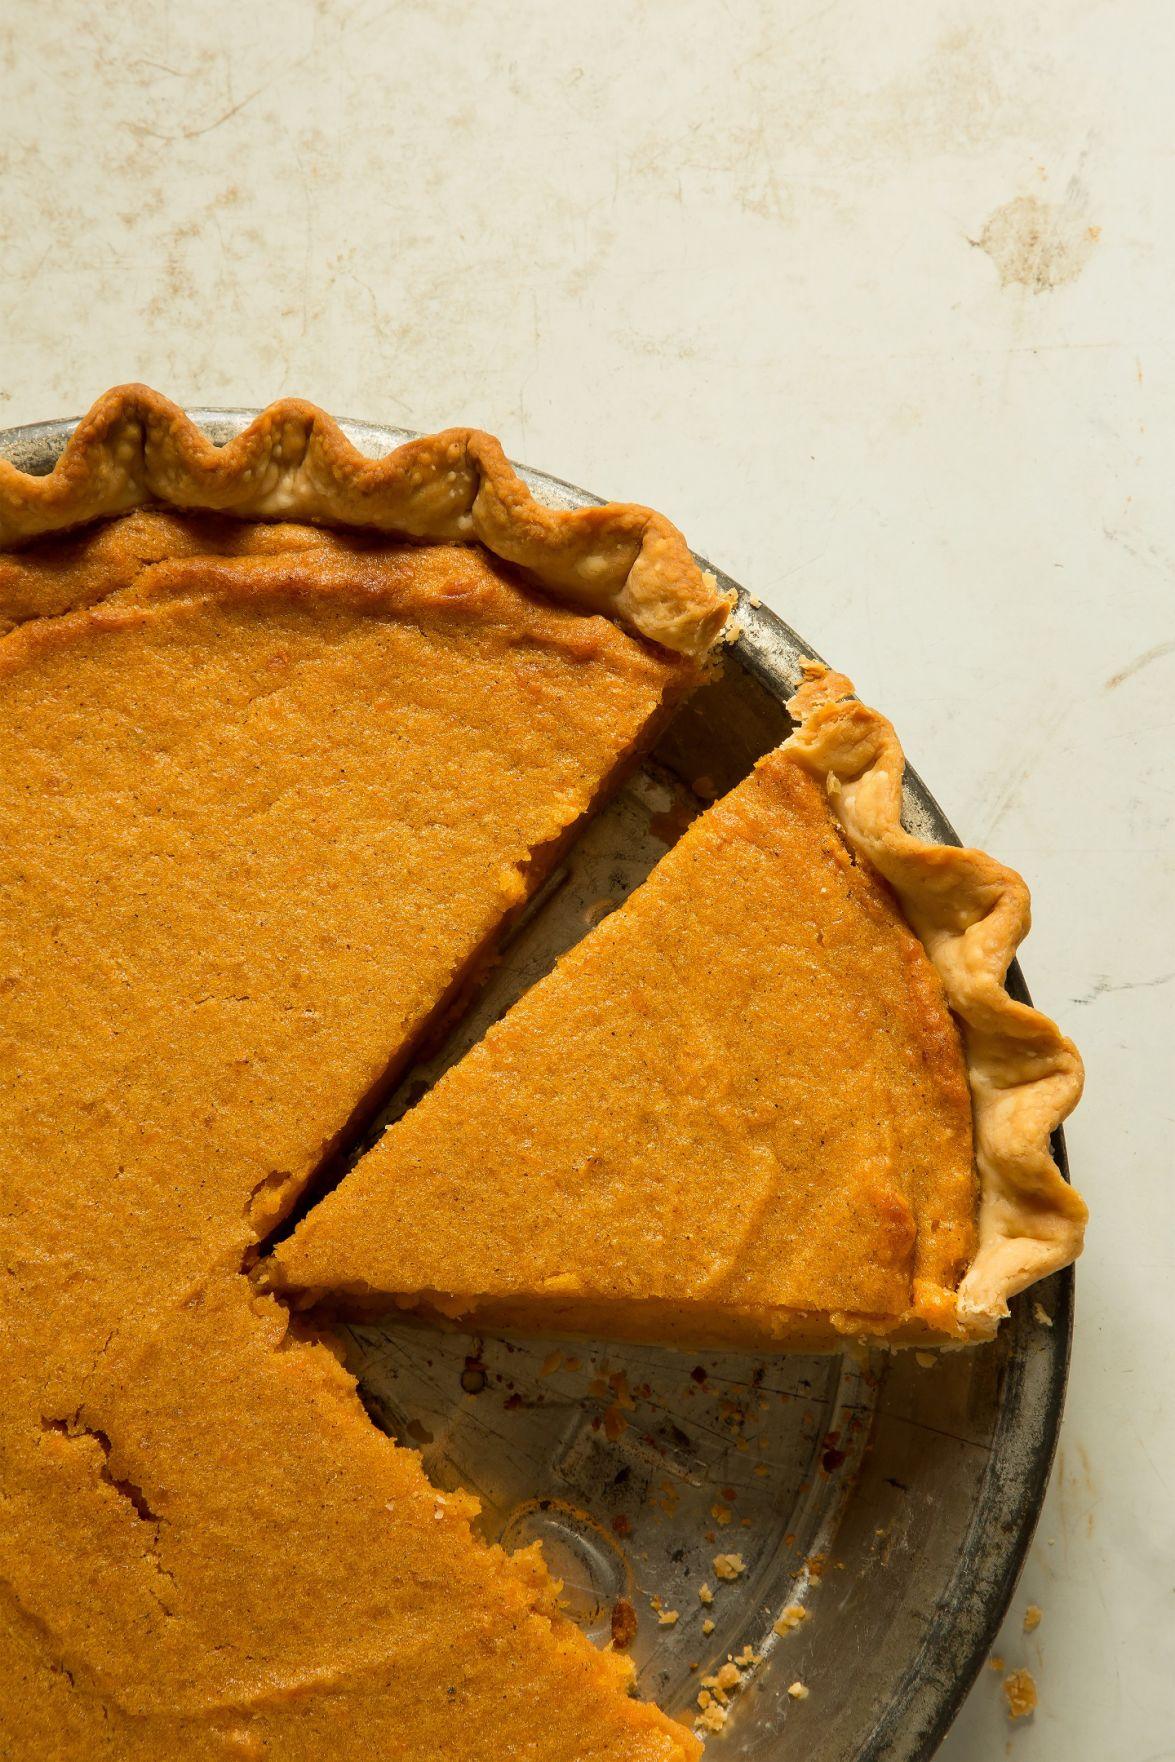 Side: Recipe for Sweet Potato Pie